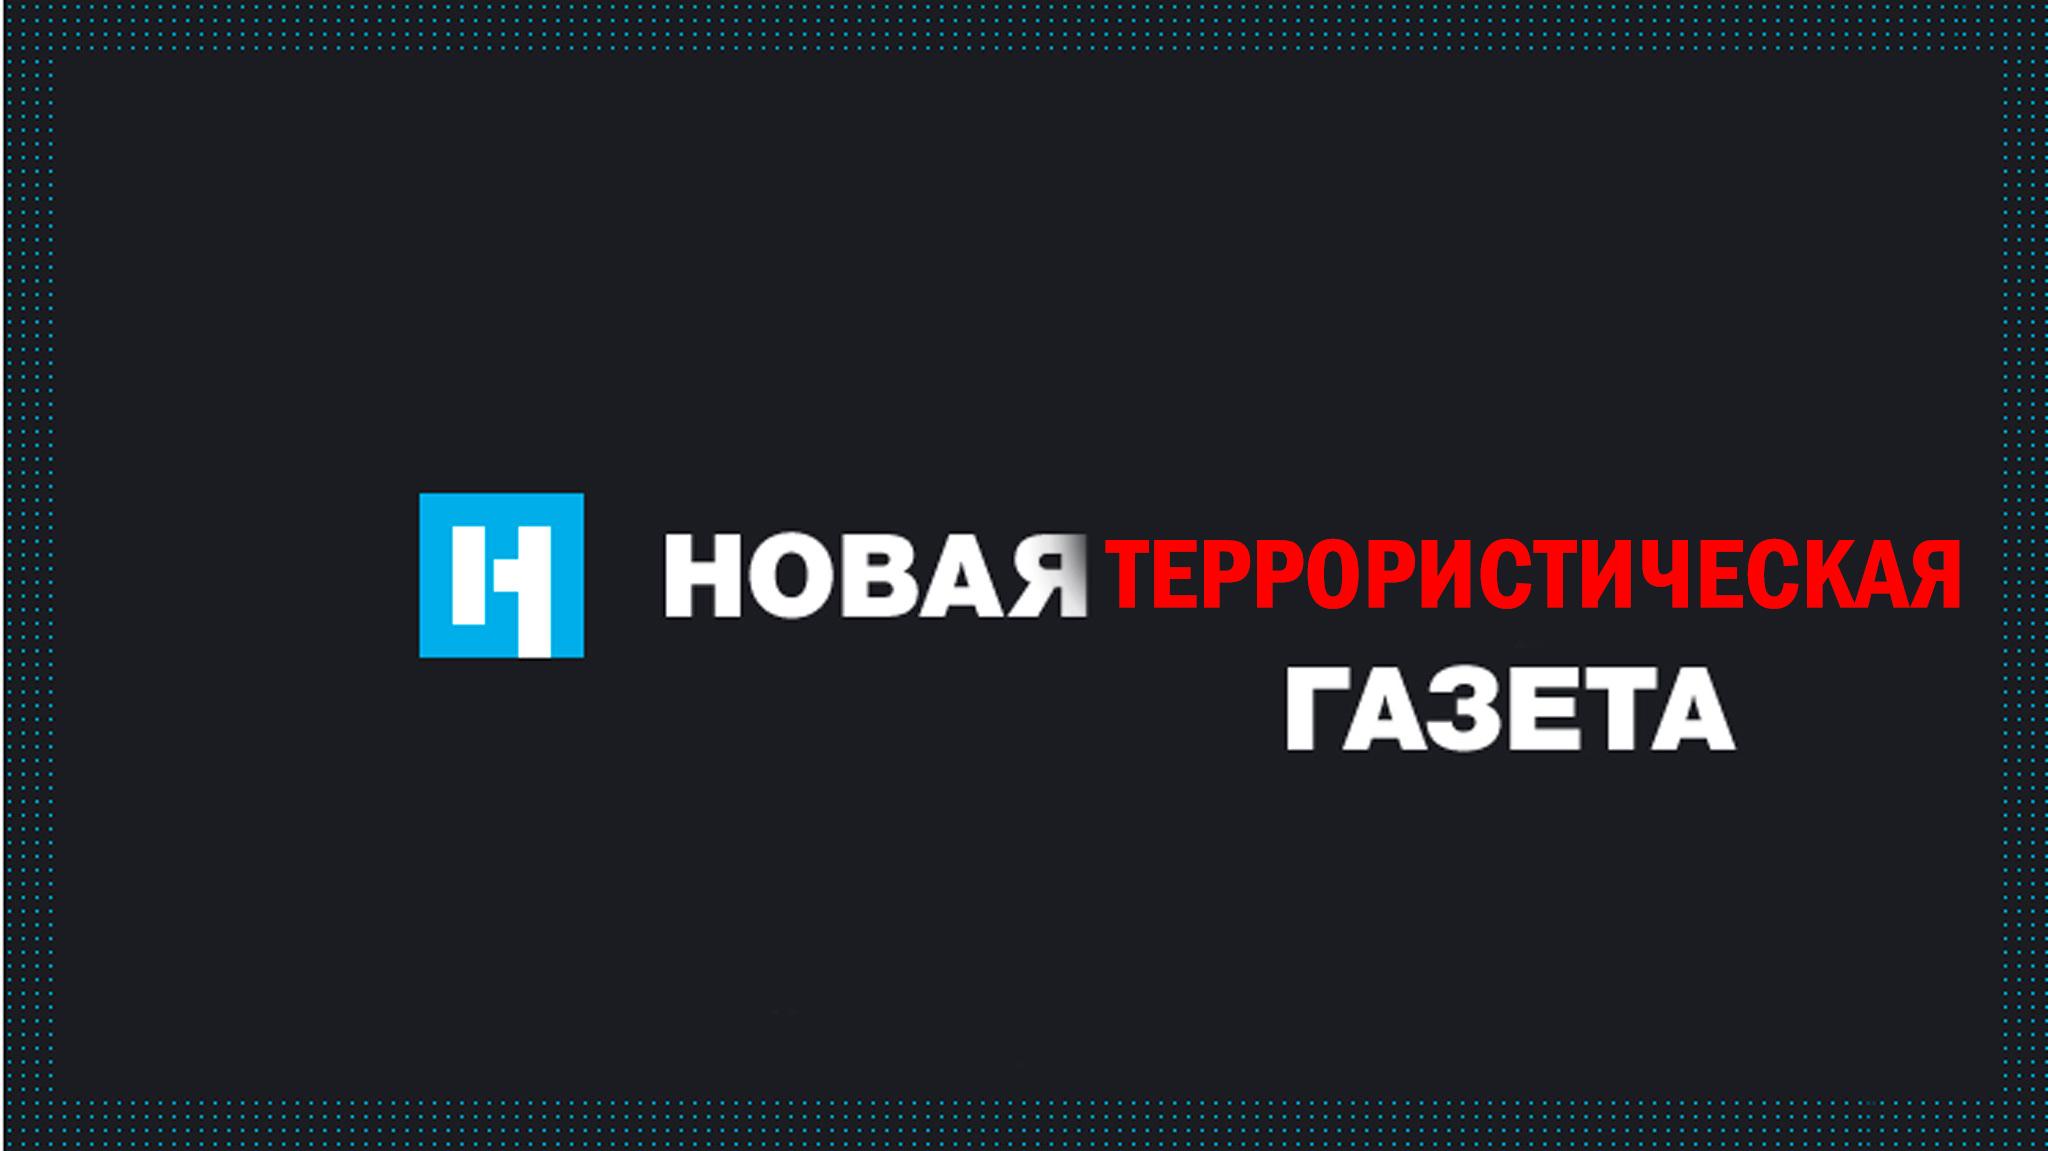 «Новая газета» обменивается информацией с террористическими ресурсами